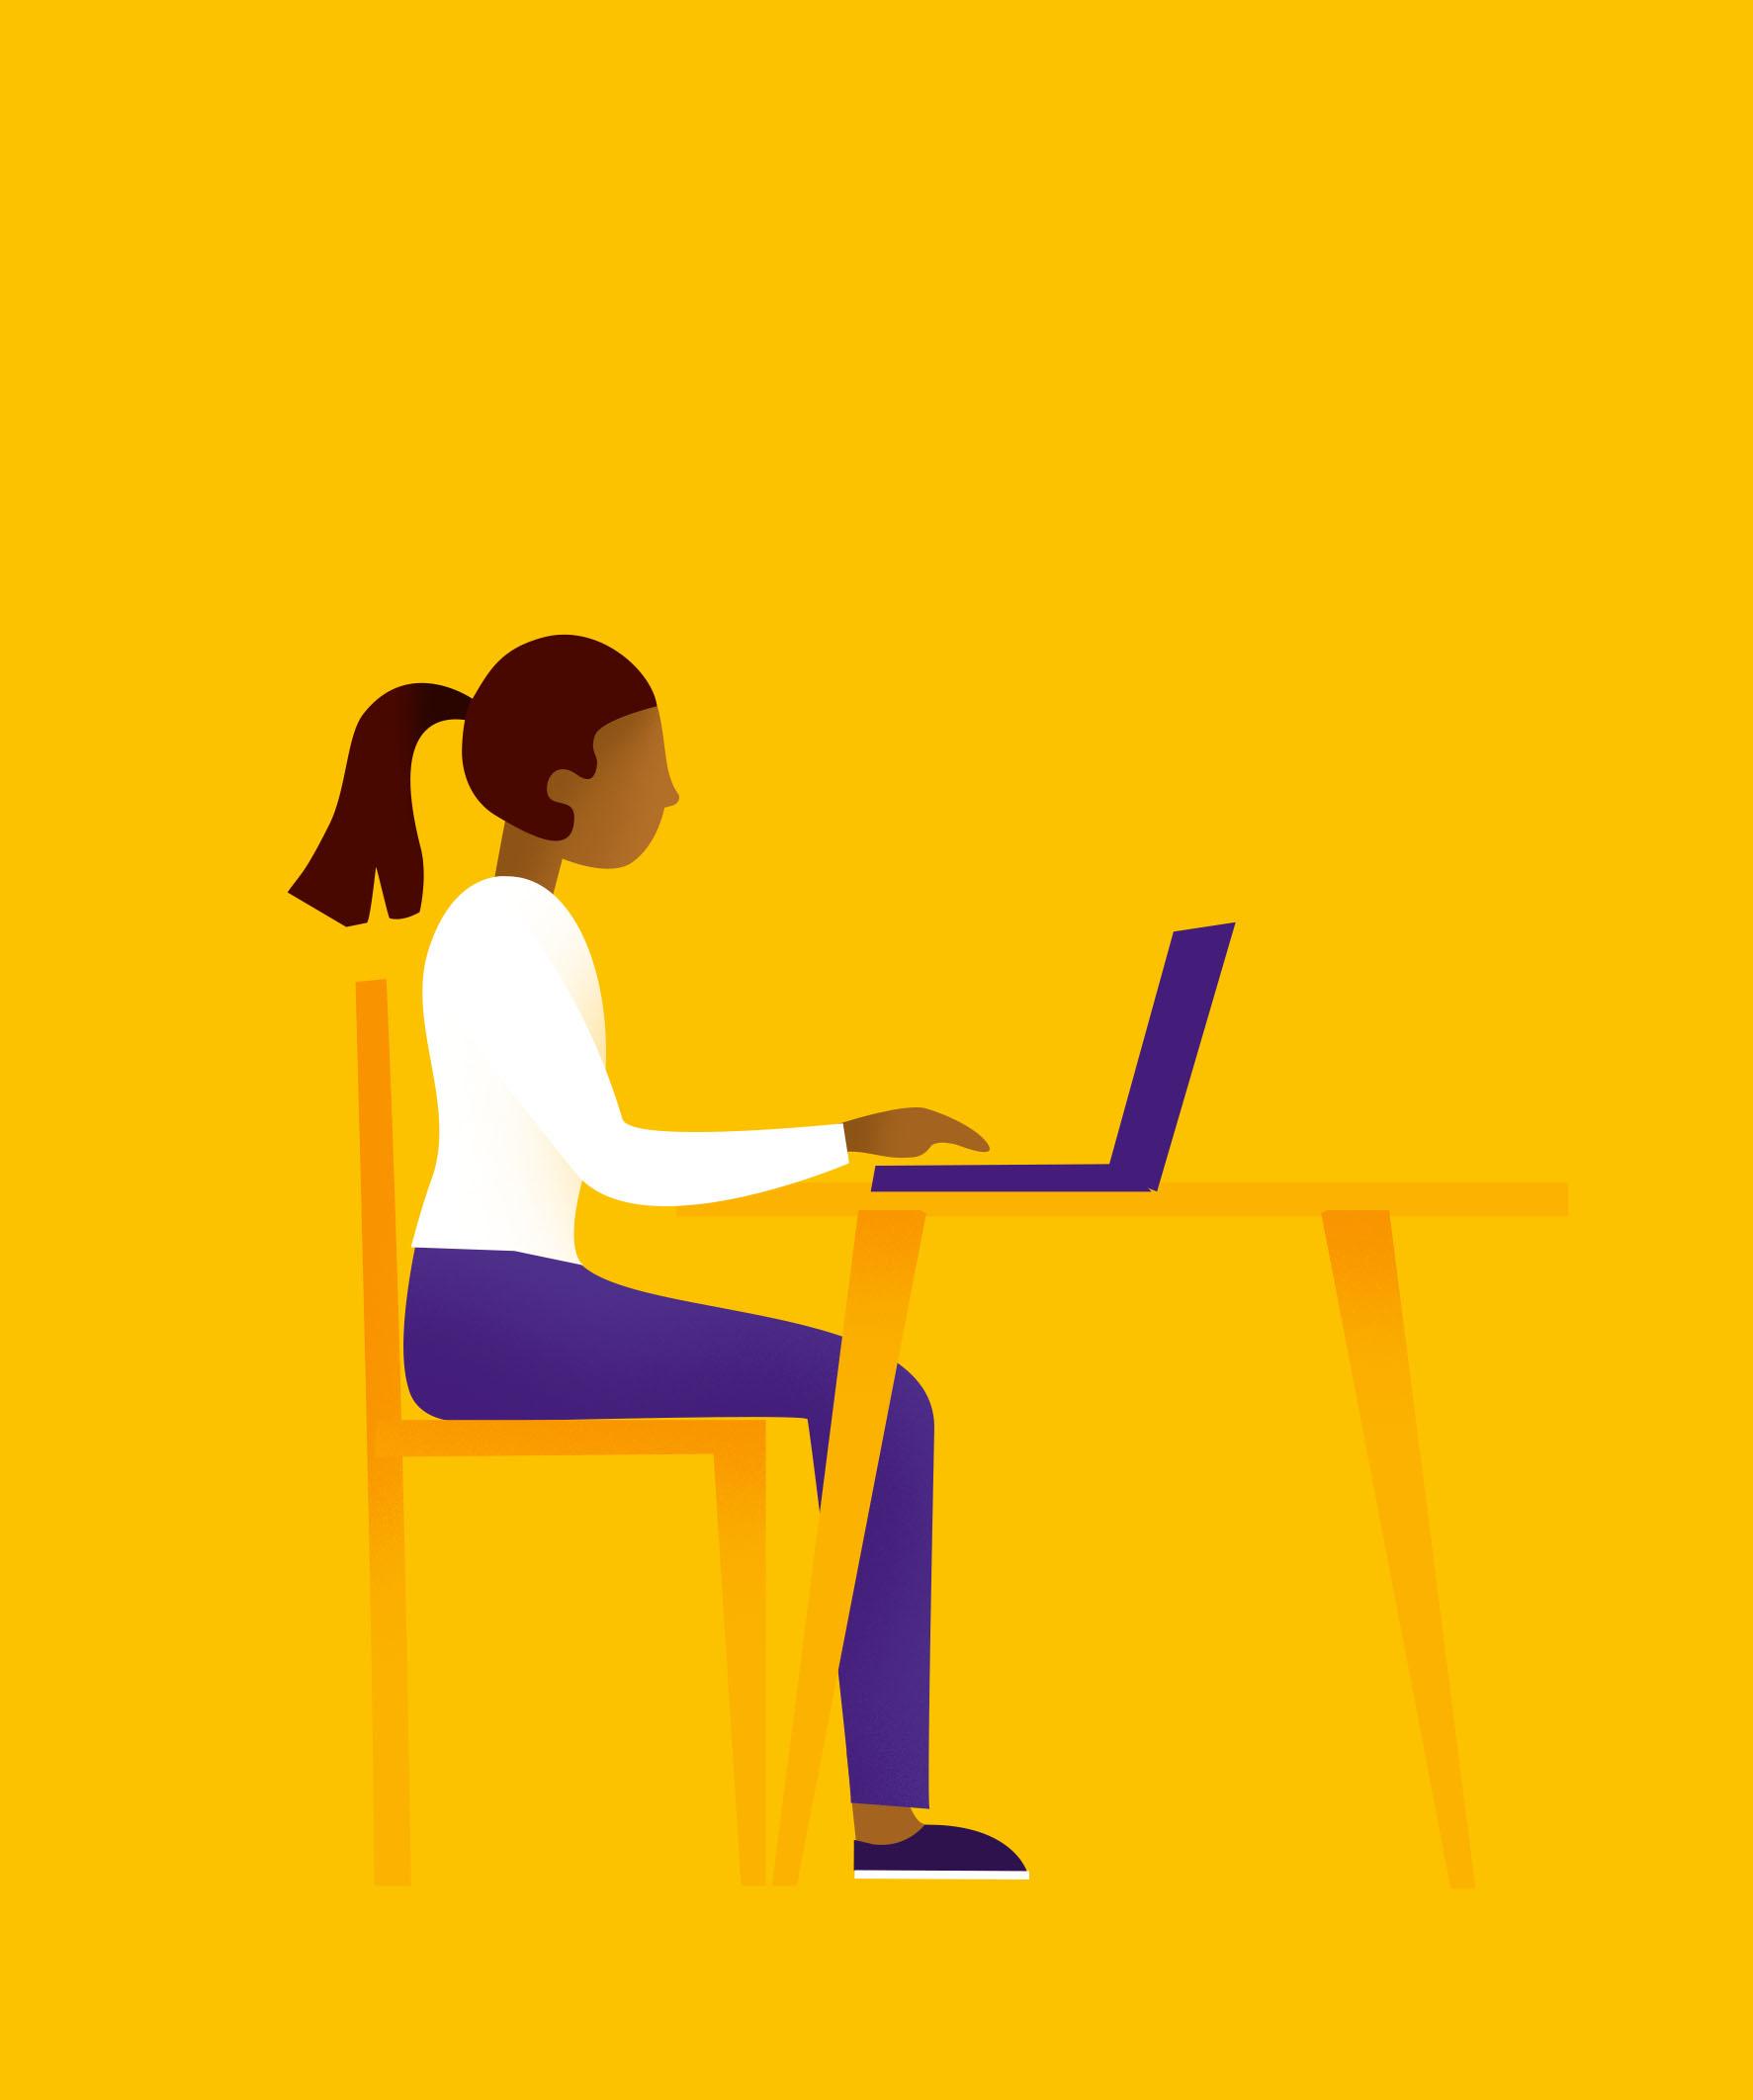 2017_09_Recruitz_Homepage_02_Yellow1